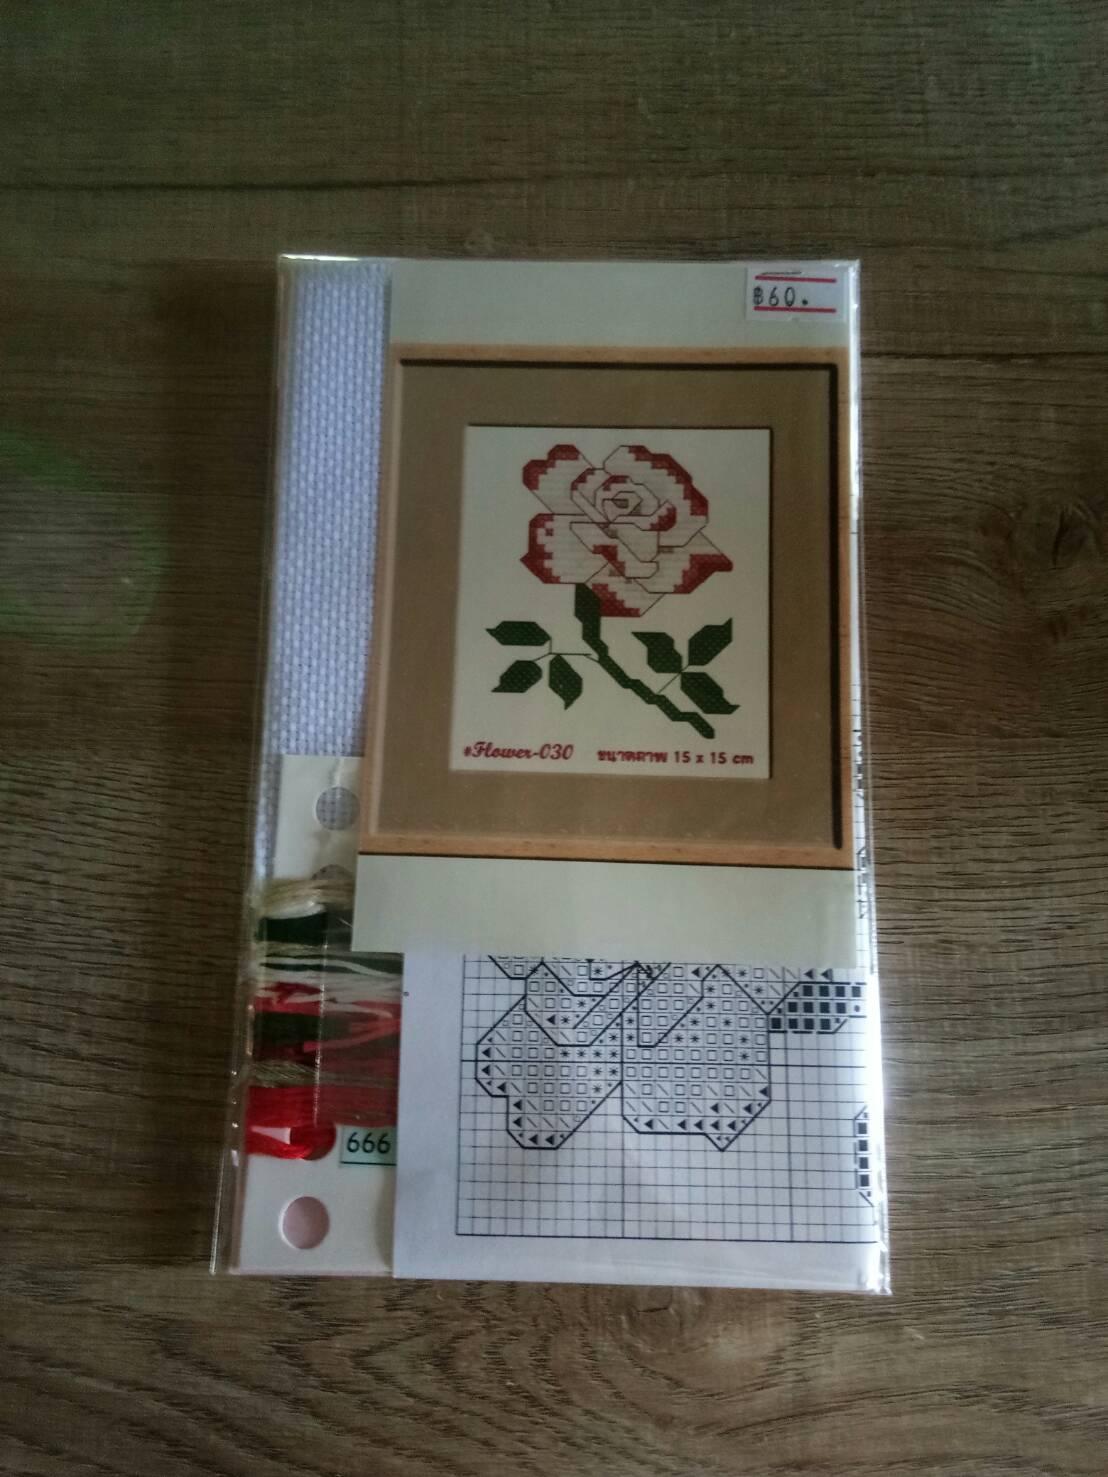 ชุดปักครอสติช ลายดอกกุหลาบ ขนาด 15*15 ซม.ผ้าครอสติช 14 CT ไม่พิมพ์ลายปัก ไหมคอตตอน สี+ผังลาย+เข็ม (ส่งฟรี)